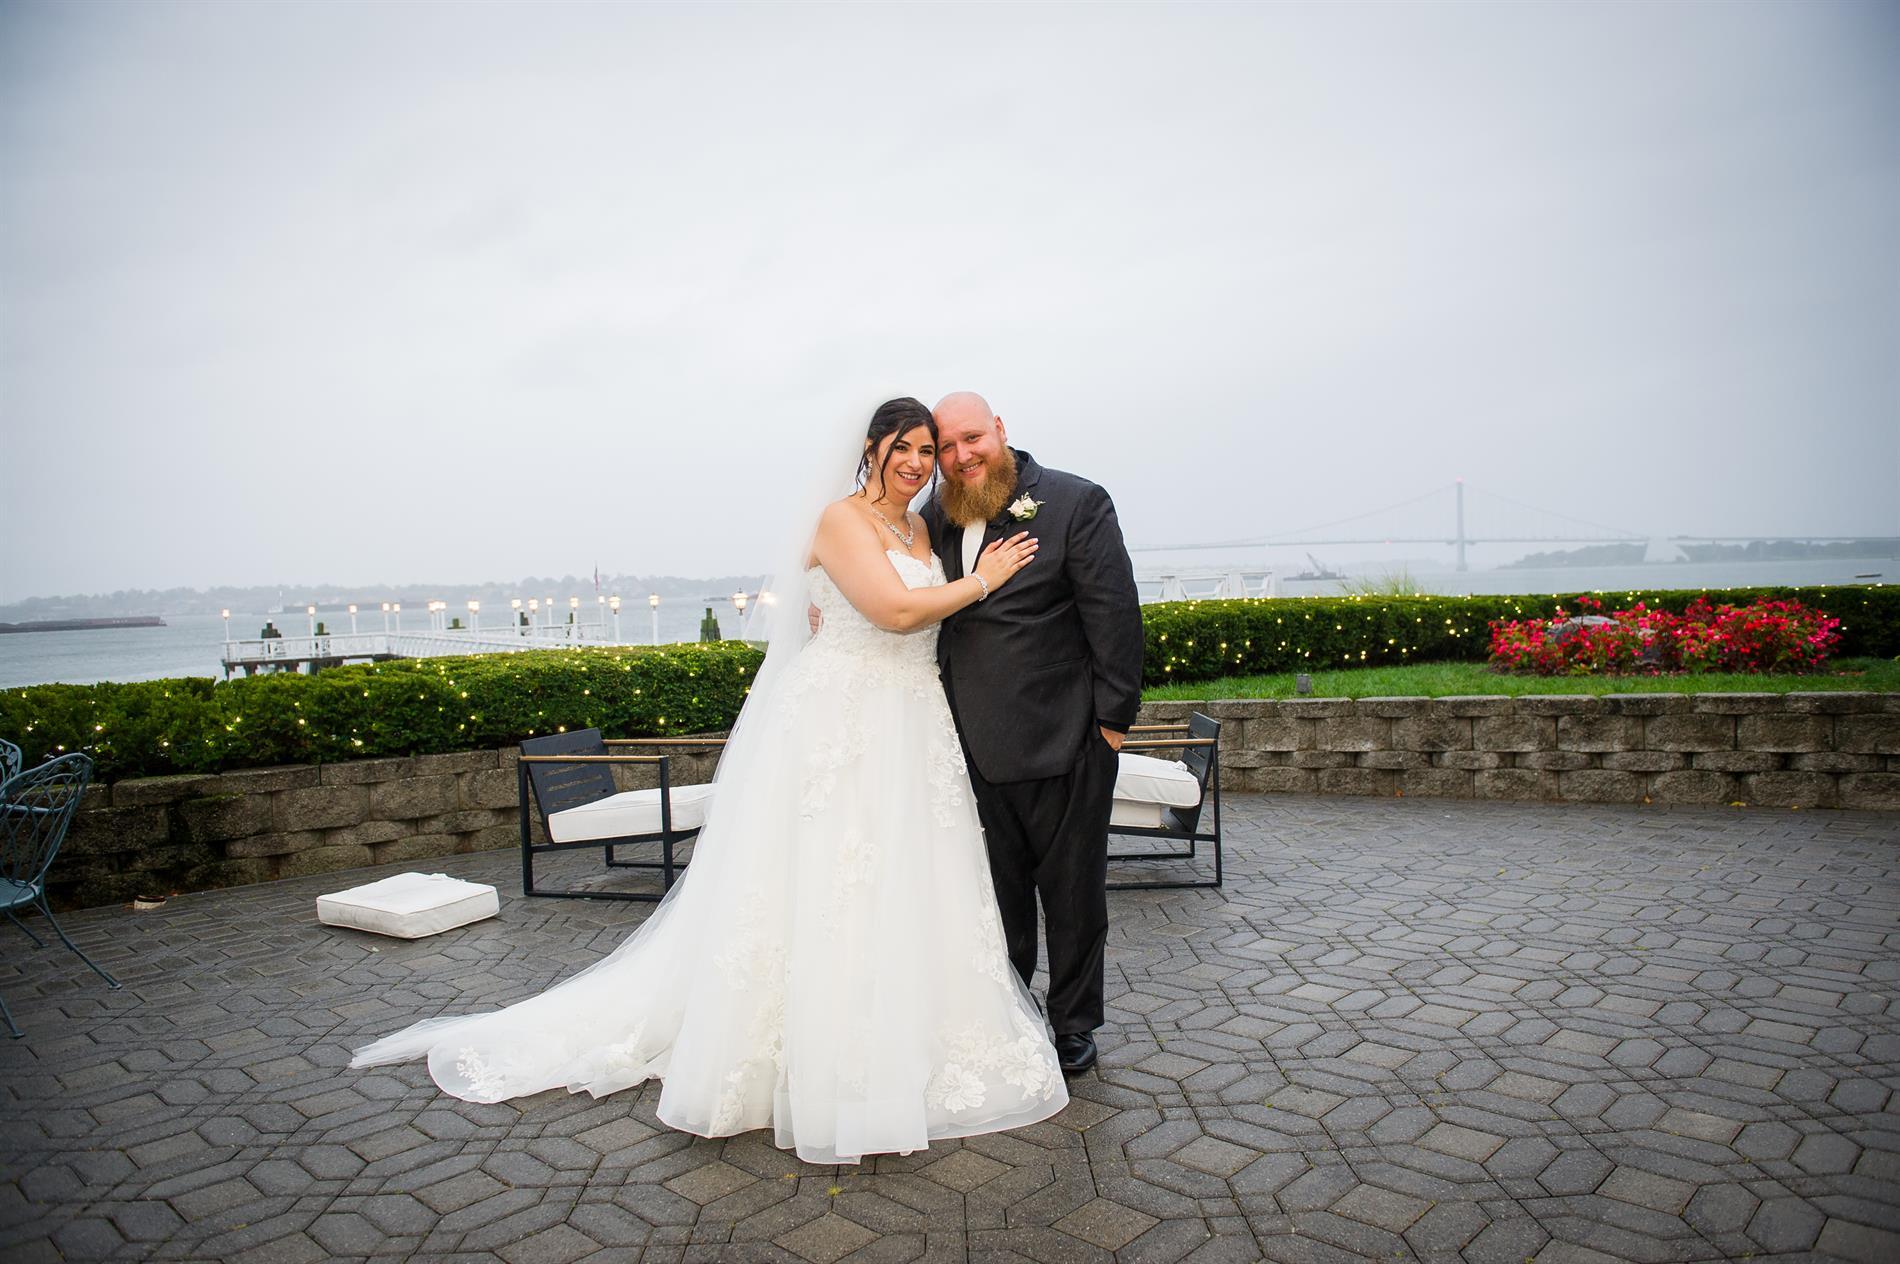 Sabrina & Dallas Wedding Photos